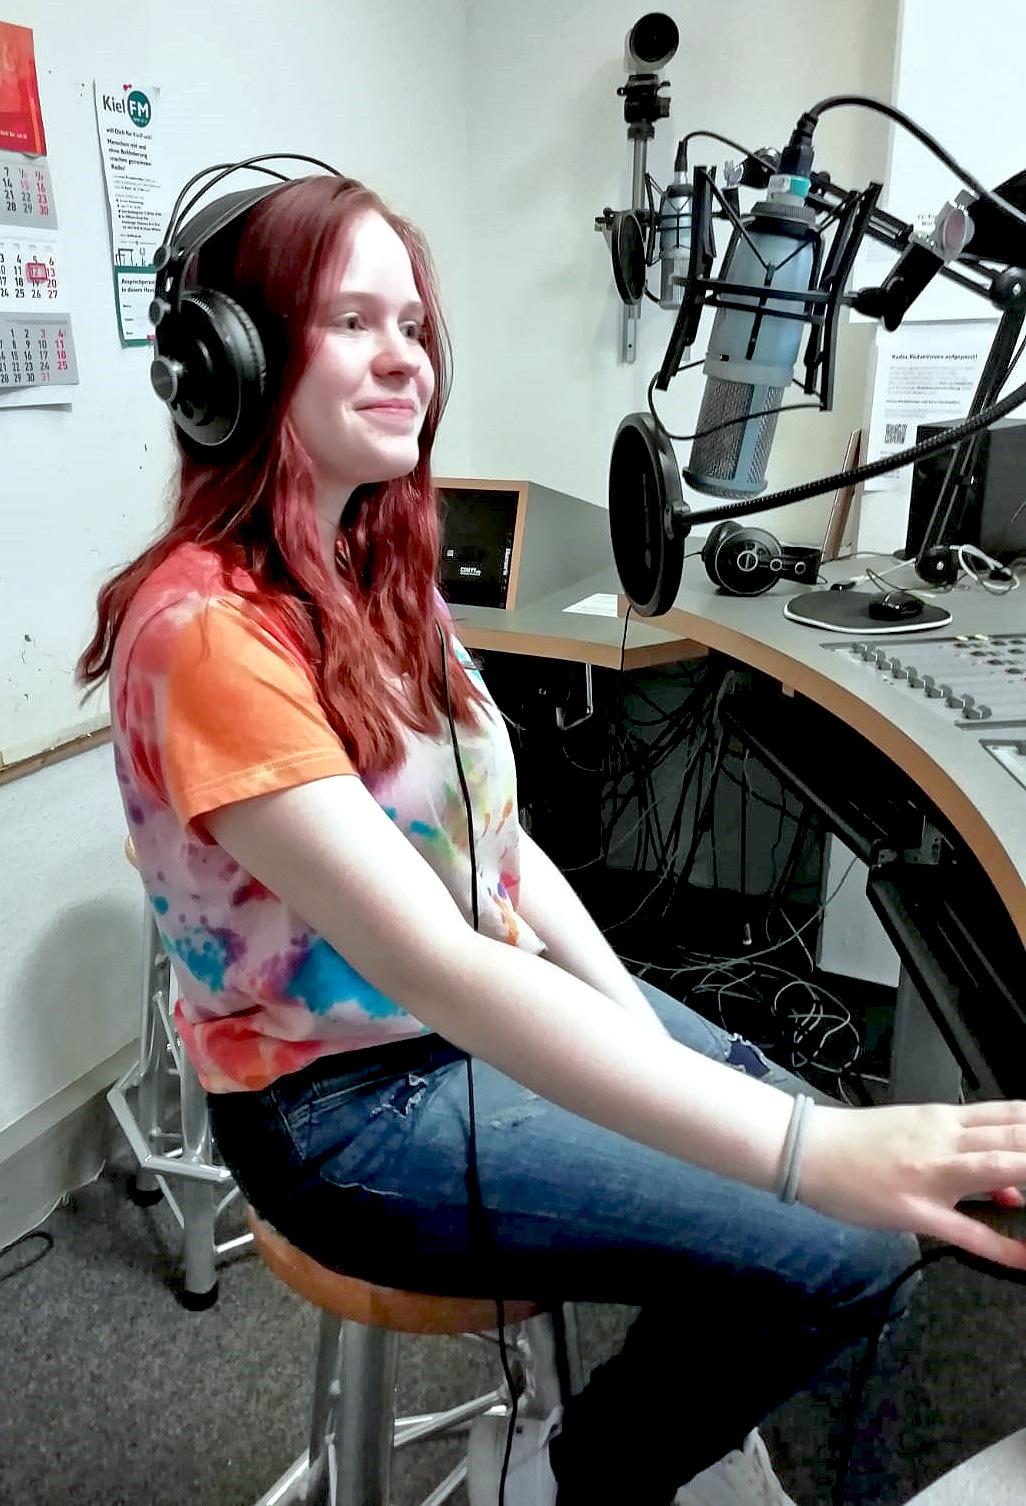 Madita - 1 Jahr beim Radio dabei - September 2020